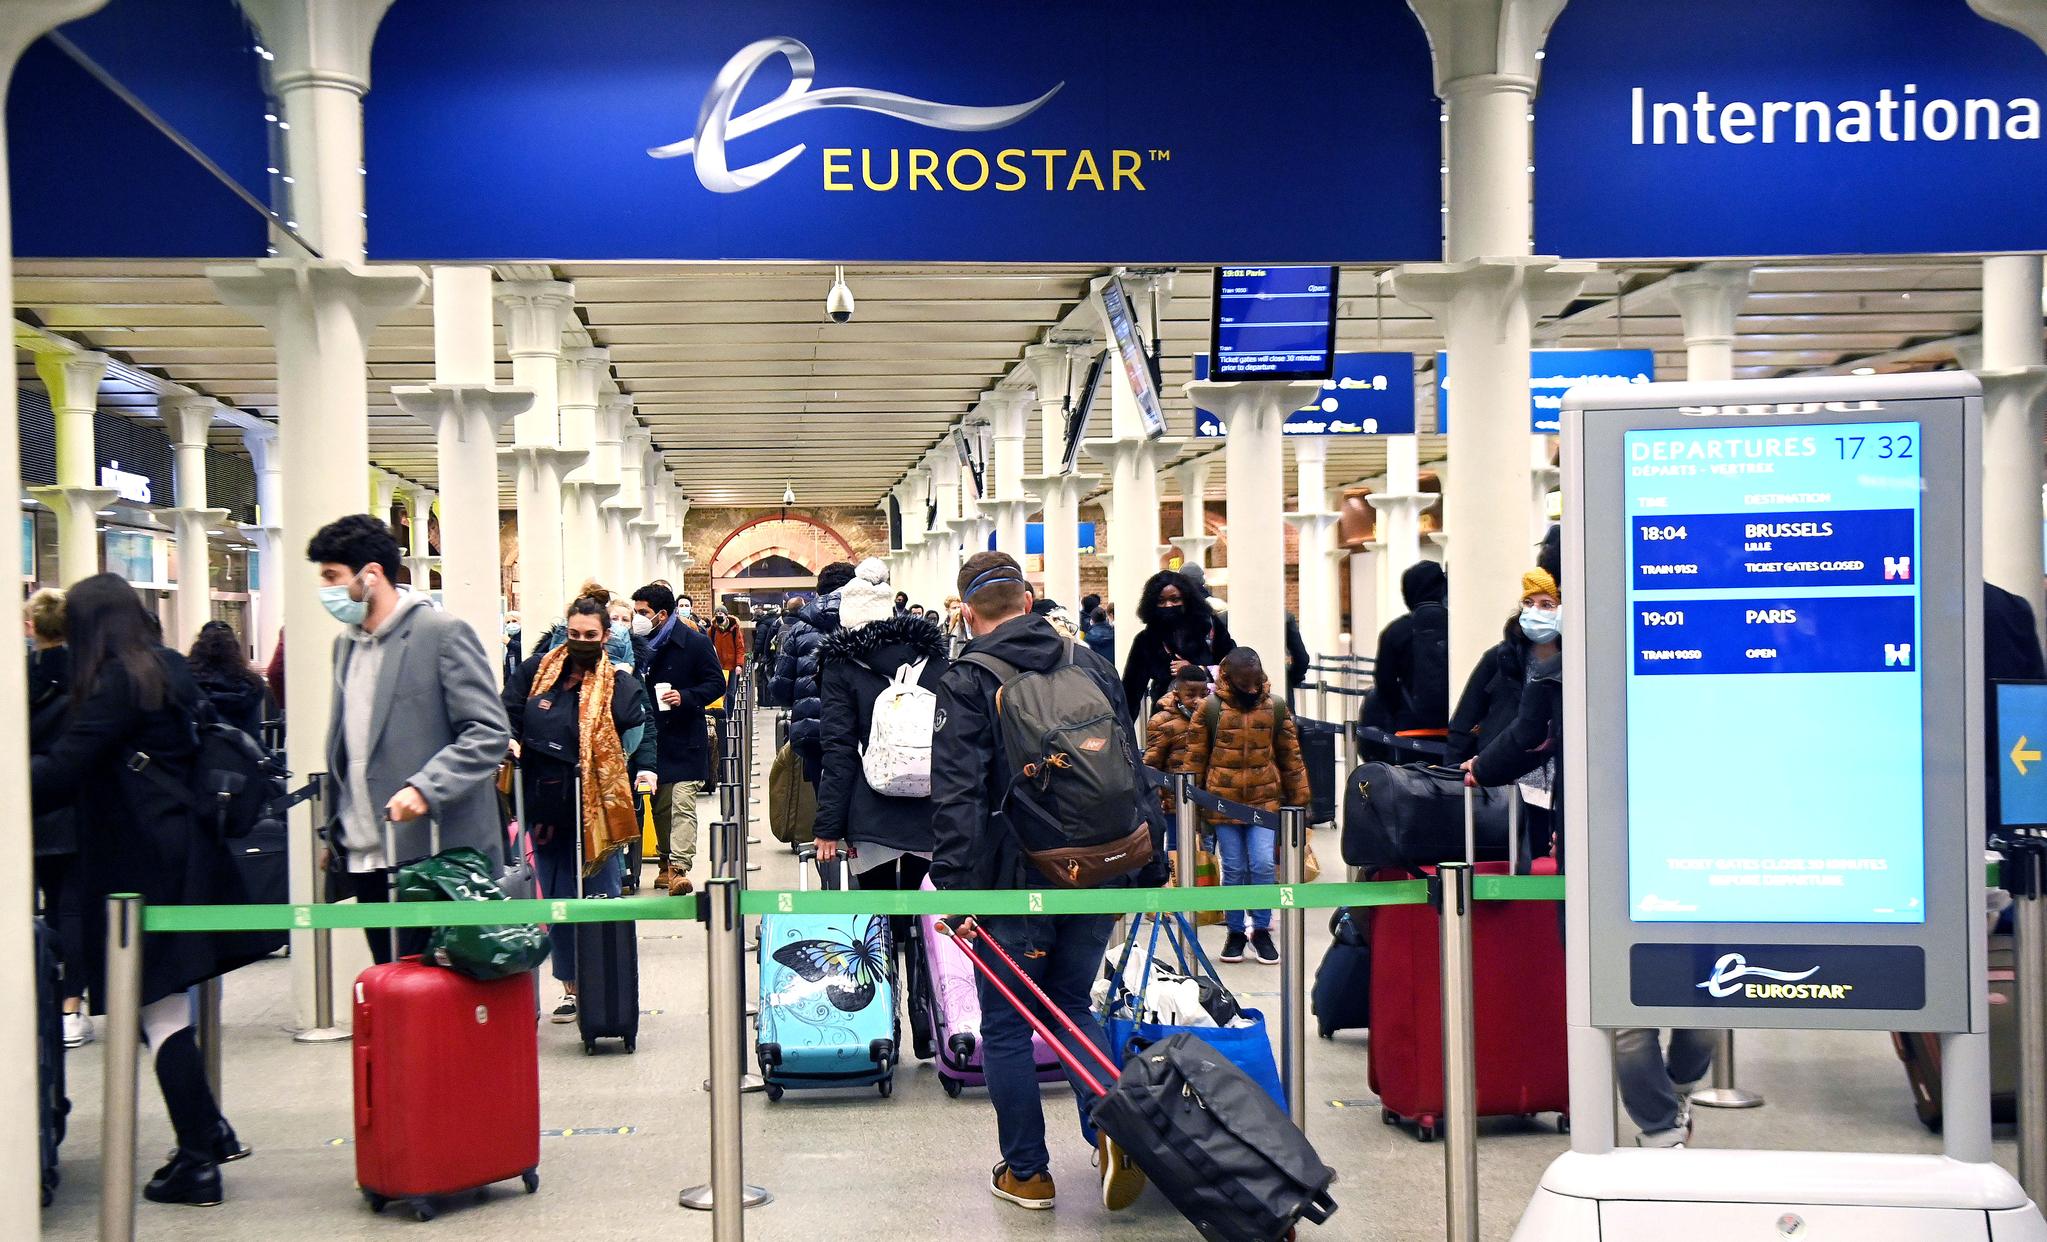 20일(현지시간) 영국 런던 세인트판크라스역에서 승객들이 파리행 마지막 기차를 타기 위해 줄지어 서 있다. 영국에서 변종 코로나바이러스가 확산하자 프랑스 정부가 이날 자정부터 48시간 동안 영국발 모든 이동을 중단한다고 밝히는 등 유럽 국가들이 여행 제한 조치에 나섰다. EPA=연합뉴스